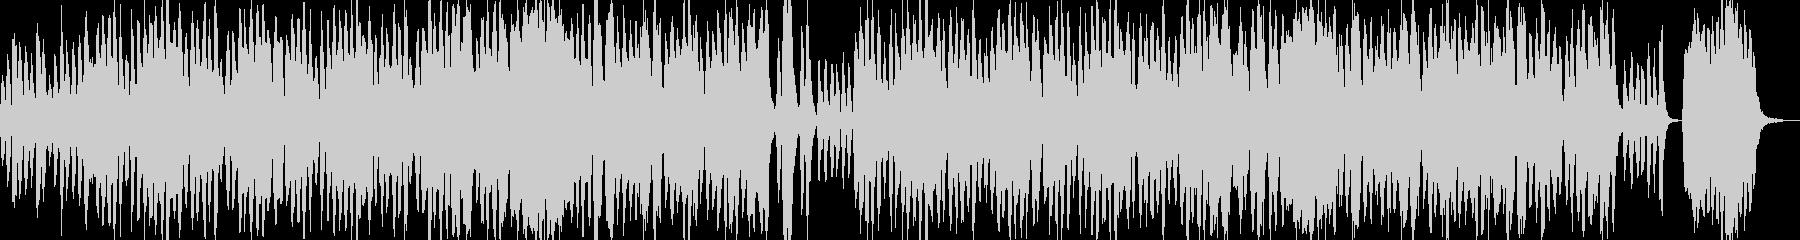 ほのぼの、フルート、ストリングスの未再生の波形